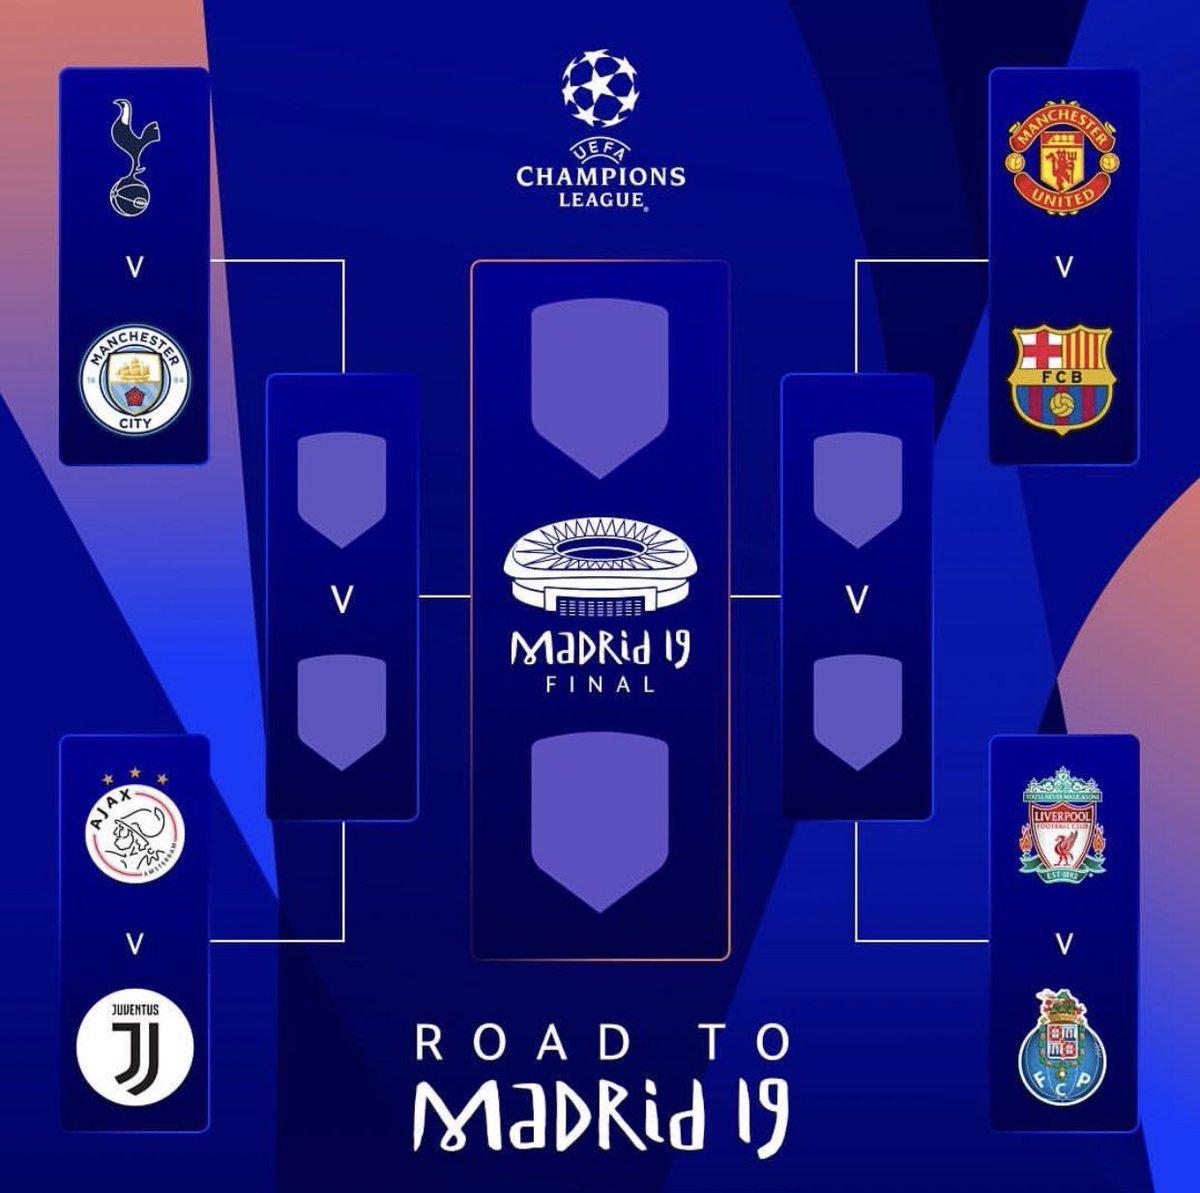 Kết quả bốc thăm c1, c1, cúp c1, tứ kết cúp C1, MU vs Barca, Juventus vs Ajax, Man City vs Tottenham, kết quả bốc thăm c1, champions league, bốc thăm bán kết c1, bóng đá